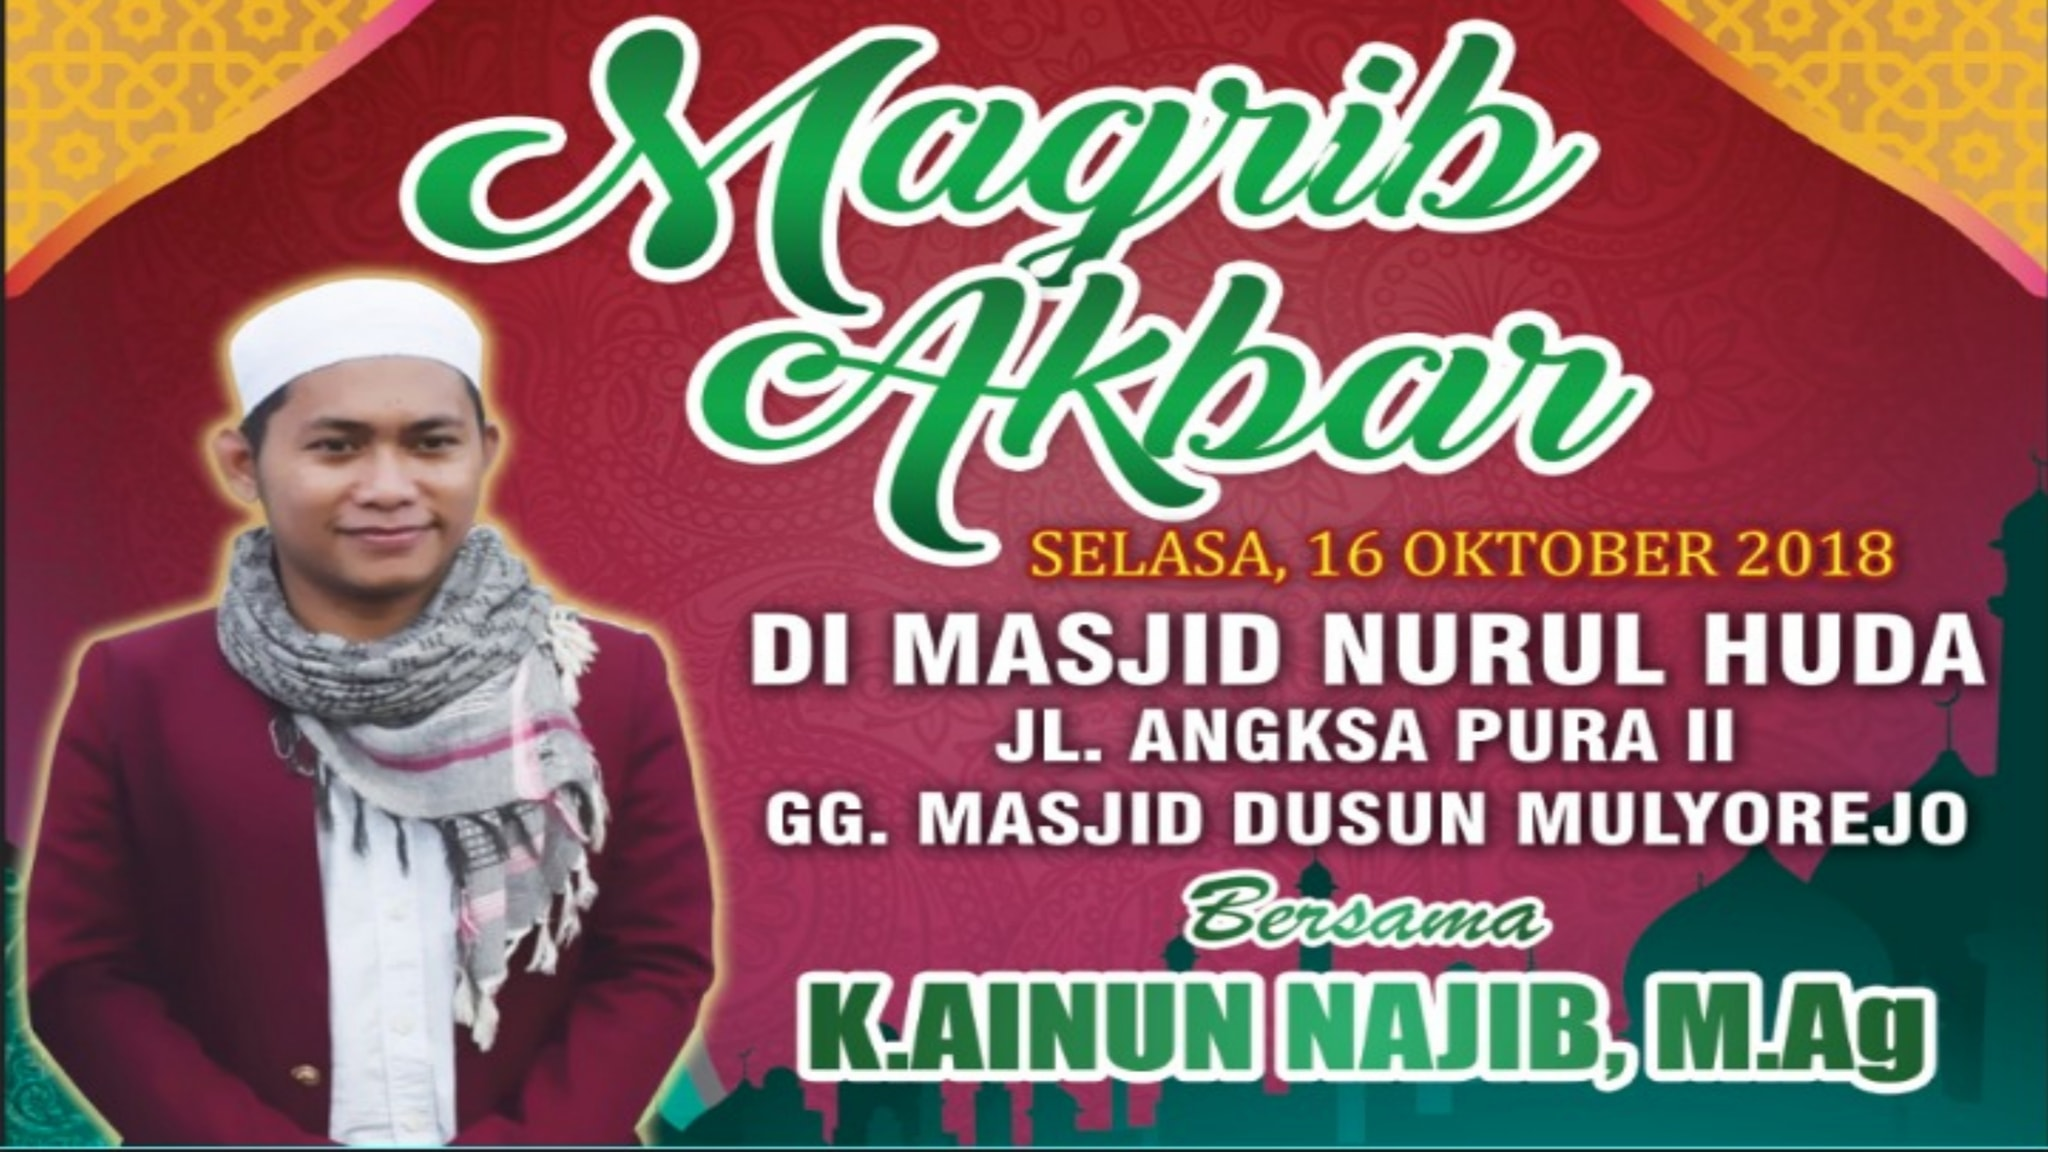 Tabligh Akbar dan Kajian Kitab Safinatun Najah bersama K. Ainun Najib, M.Ag